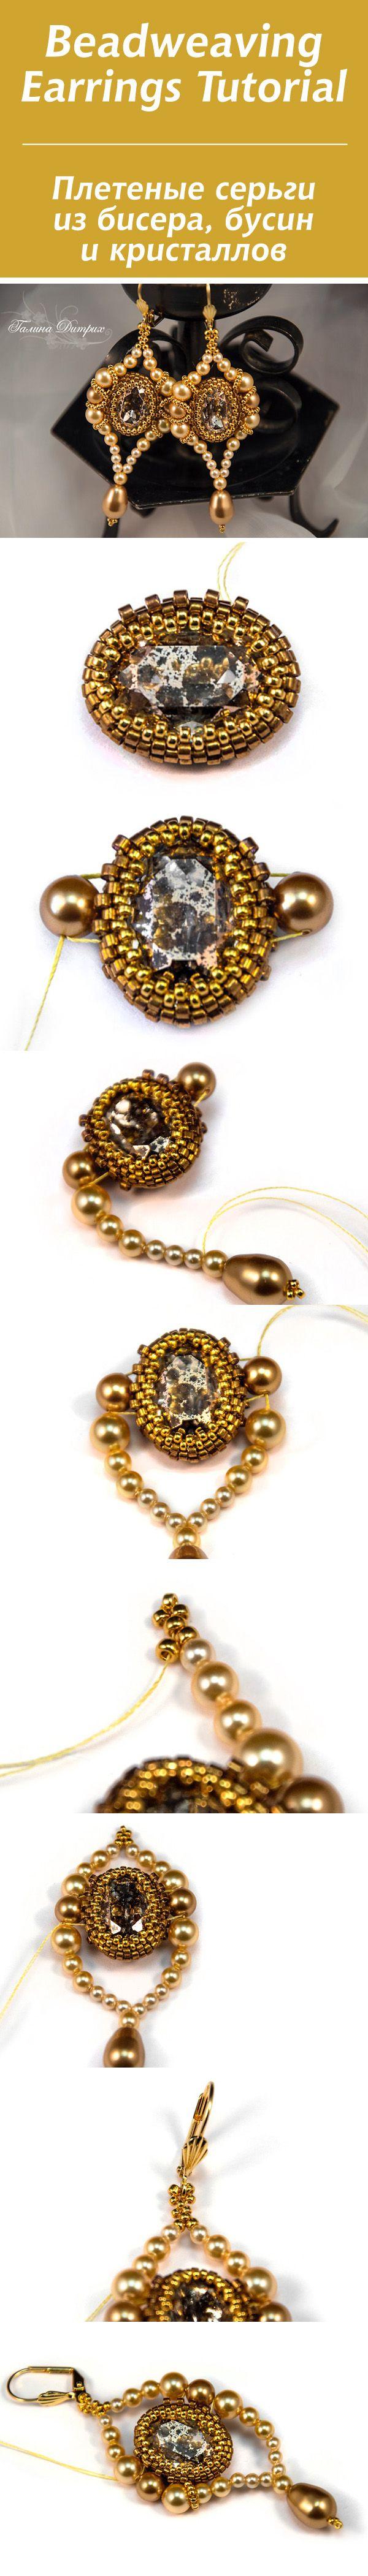 Плетеные серьги из бисера, бусин и кристаллов / Beadweaving Earrings Tutorial